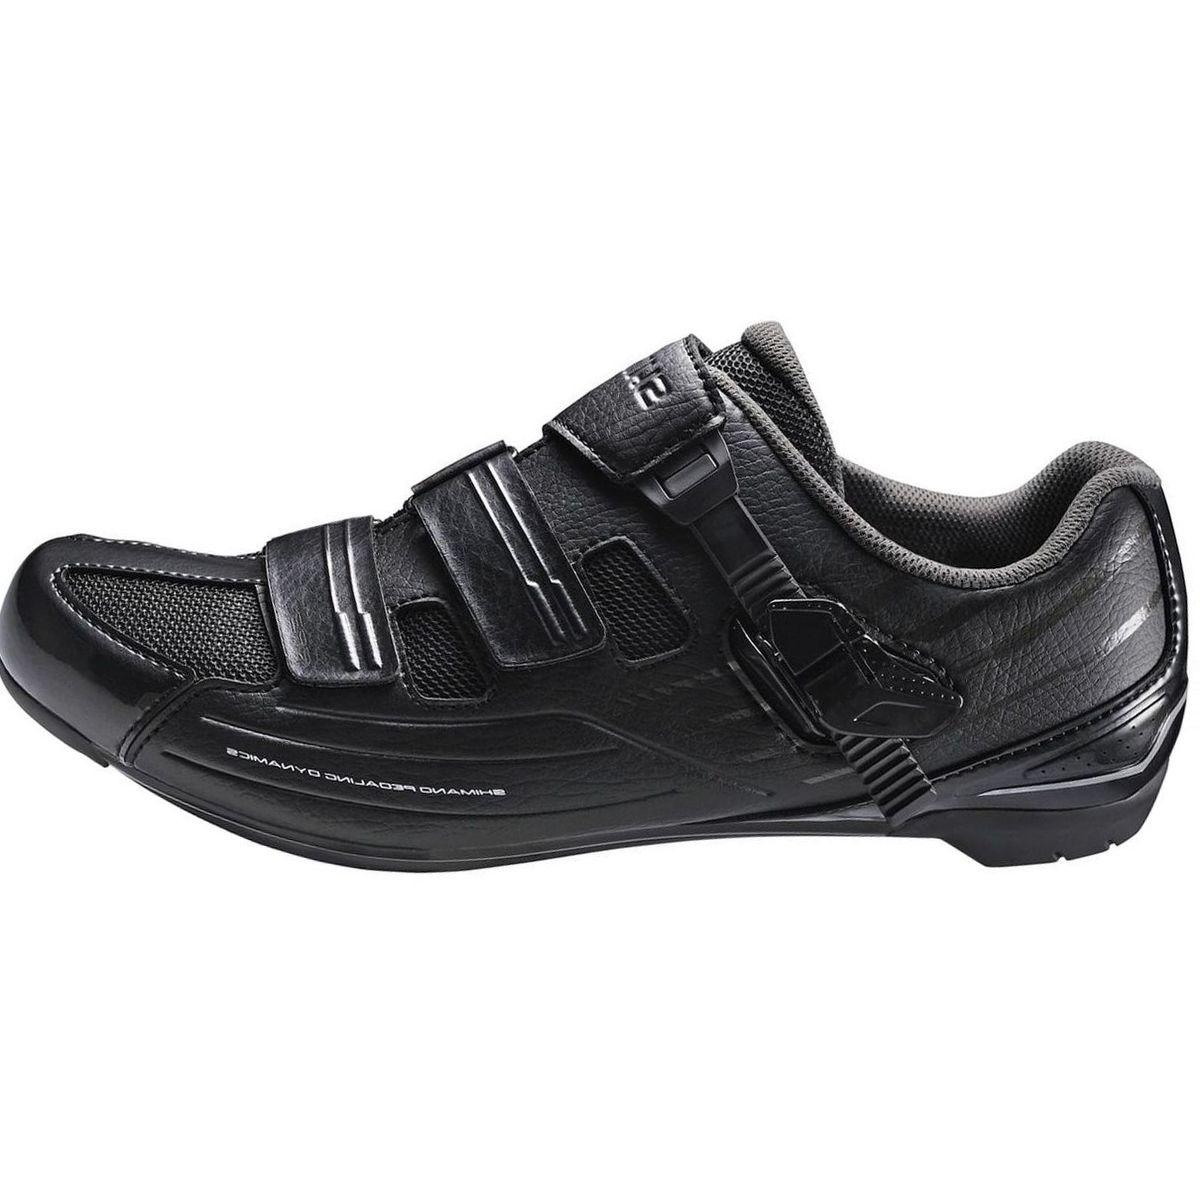 Shimano SH-RP3 Cycling Shoe - Men's